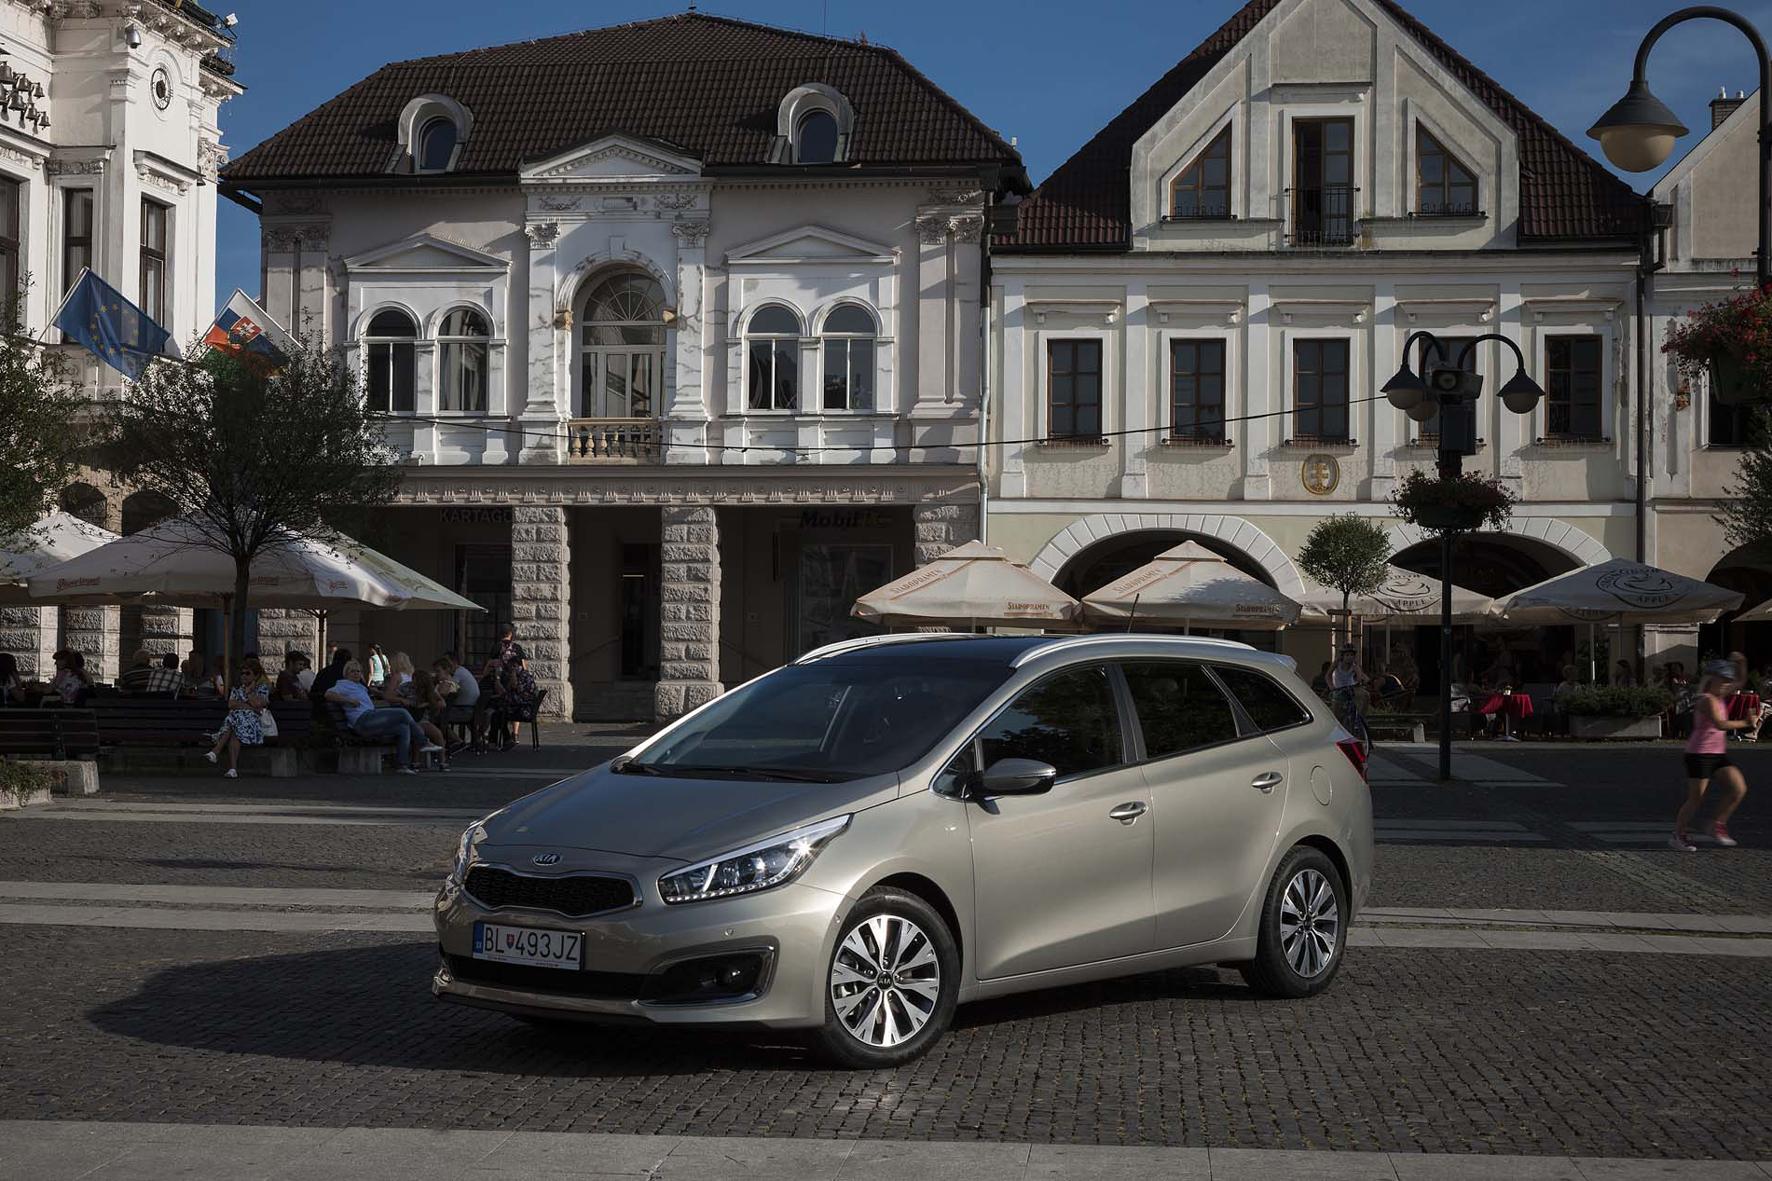 mid Düsseldorf - Kia setzt seinen neuen Dreizylinder-Benziner 1.0 T-GDI jetzt in weiteren Modell-Varianten des Ceed und Ceed Sportwagon (Foto) ein.